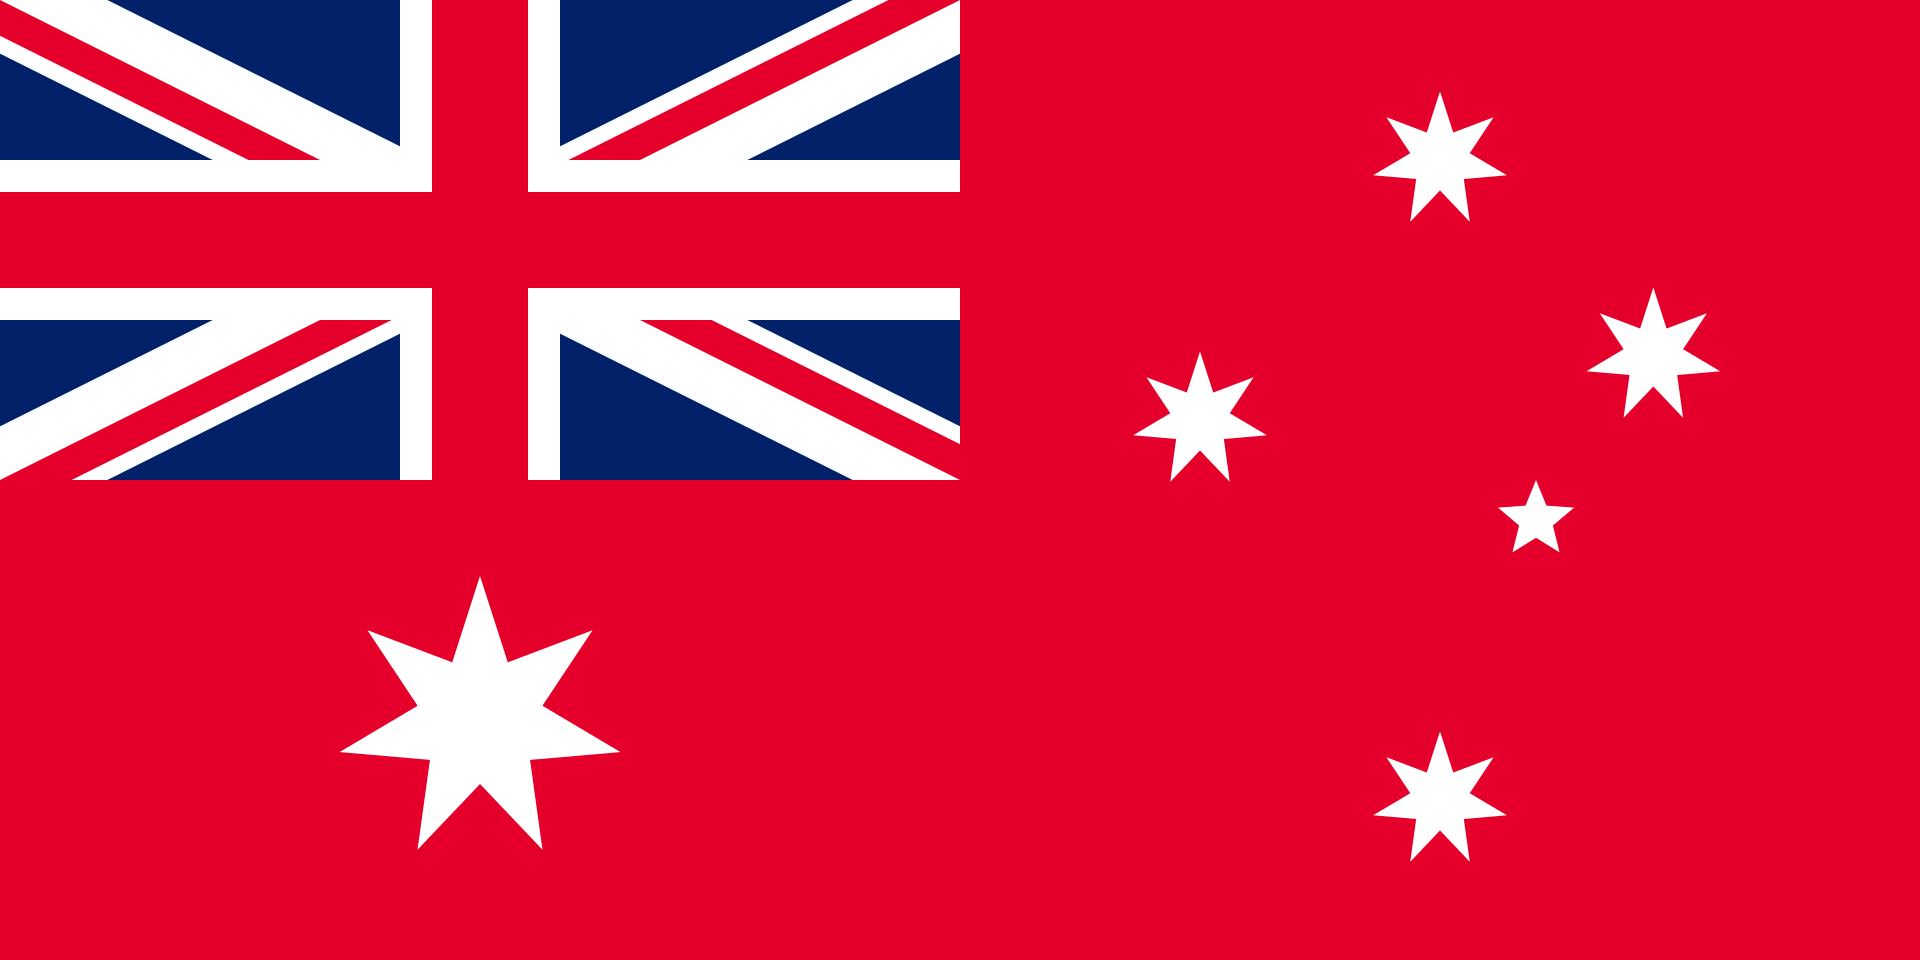 Australië - vlag rood